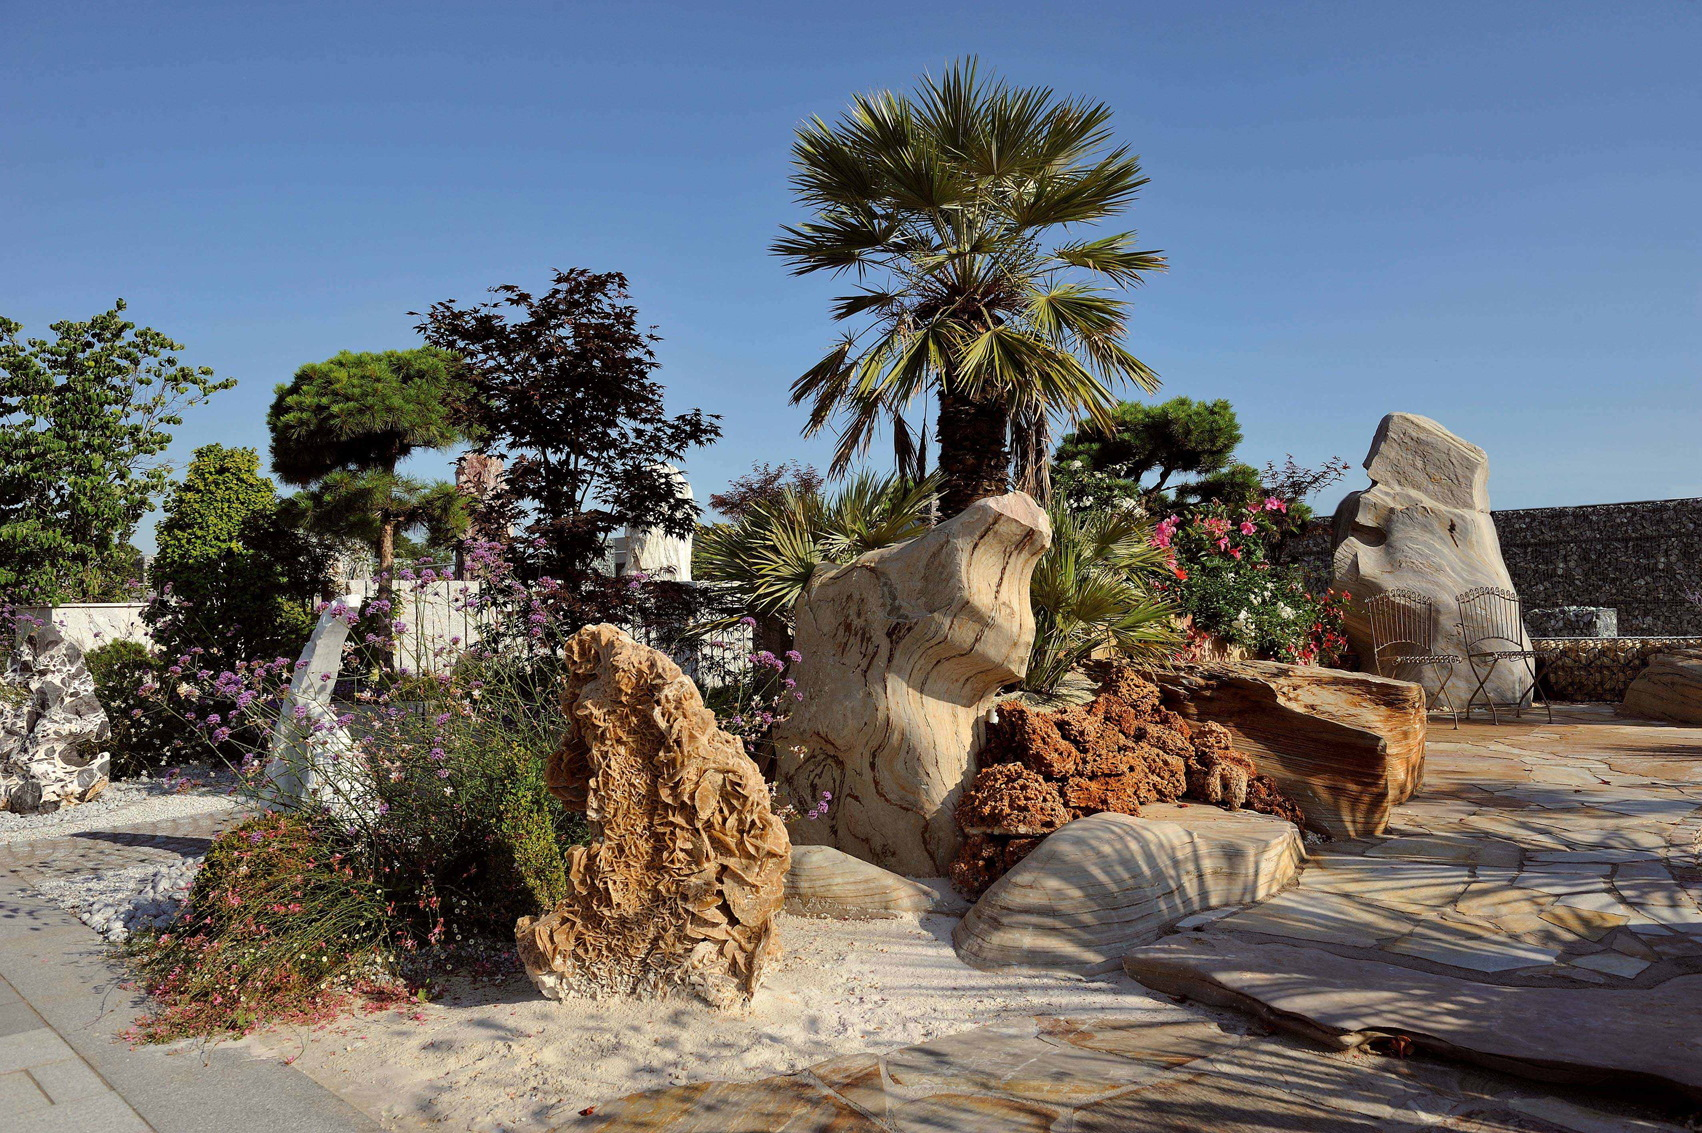 Photogallery granulati zandobbio granulati zandobbio - Palizzate per giardino ...